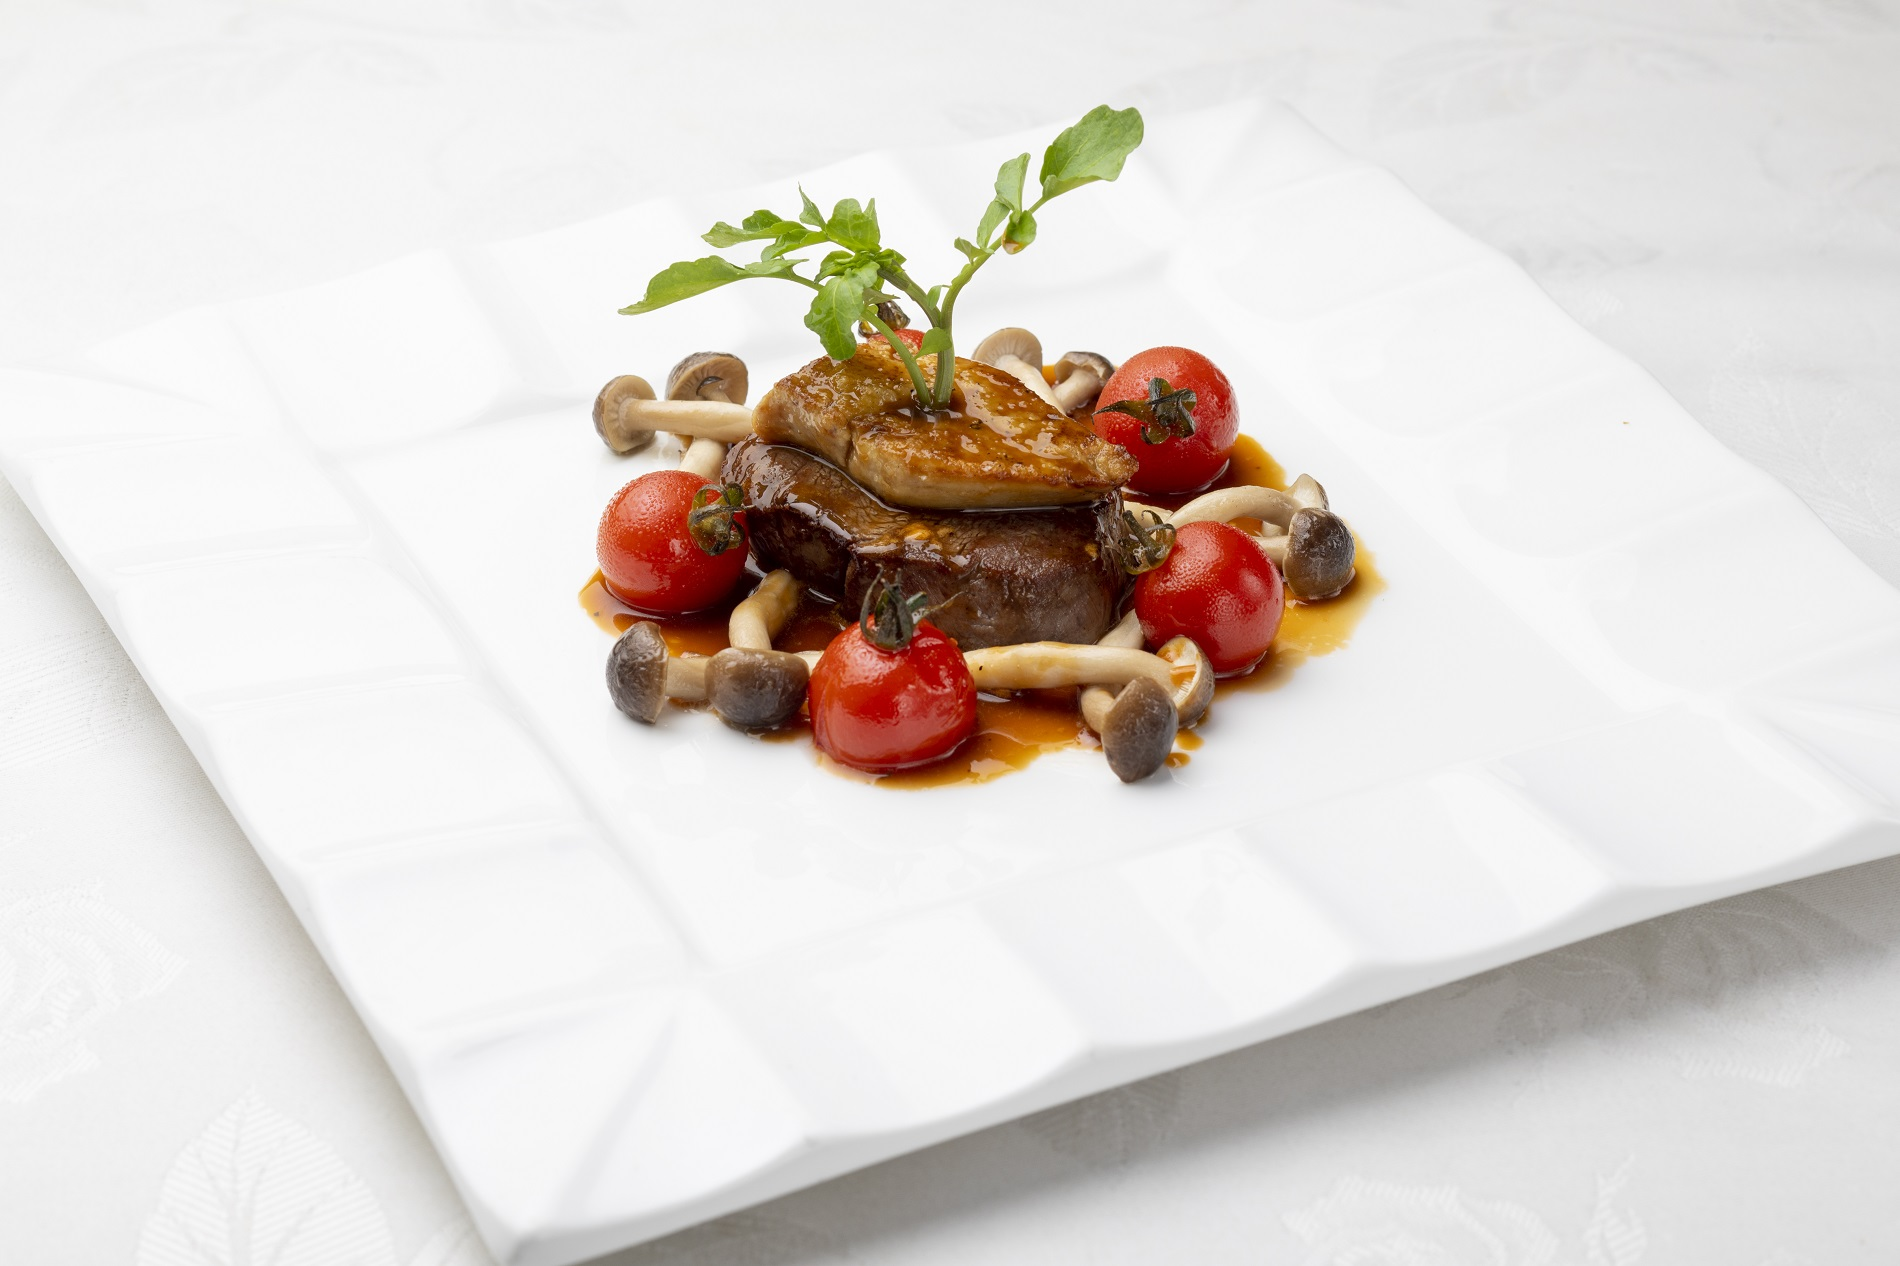 cuisine3の写真